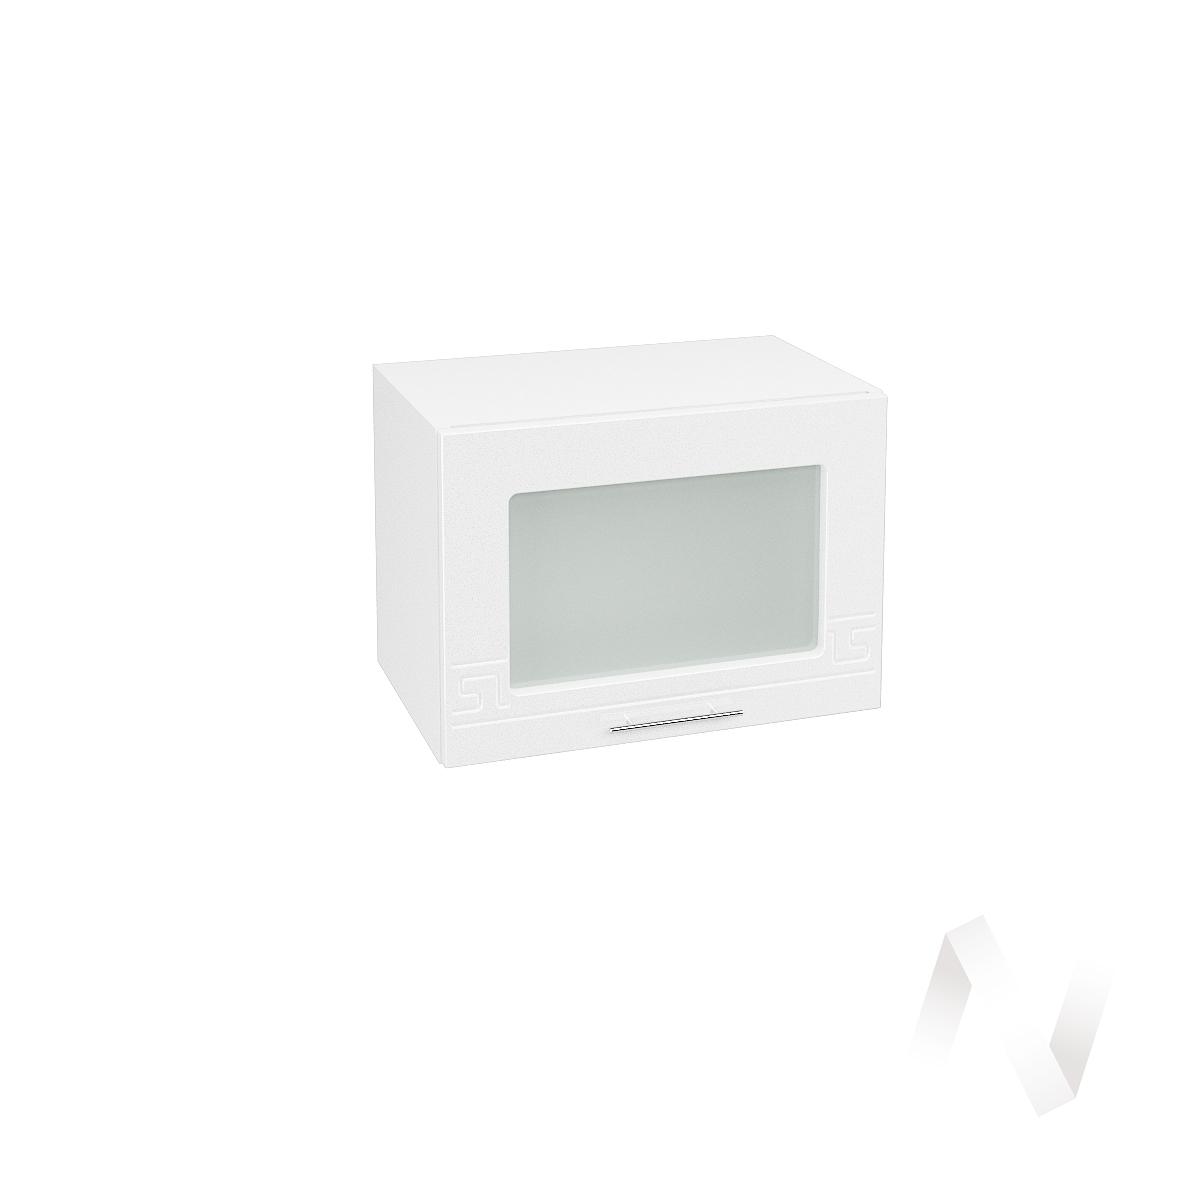 """Кухня """"Греция"""": Шкаф верхний горизонтальный со стеклом 500, ШВГС 500 (белый металлик/корпус белый)  в Новосибирске - интернет магазин Мебельный Проспект"""